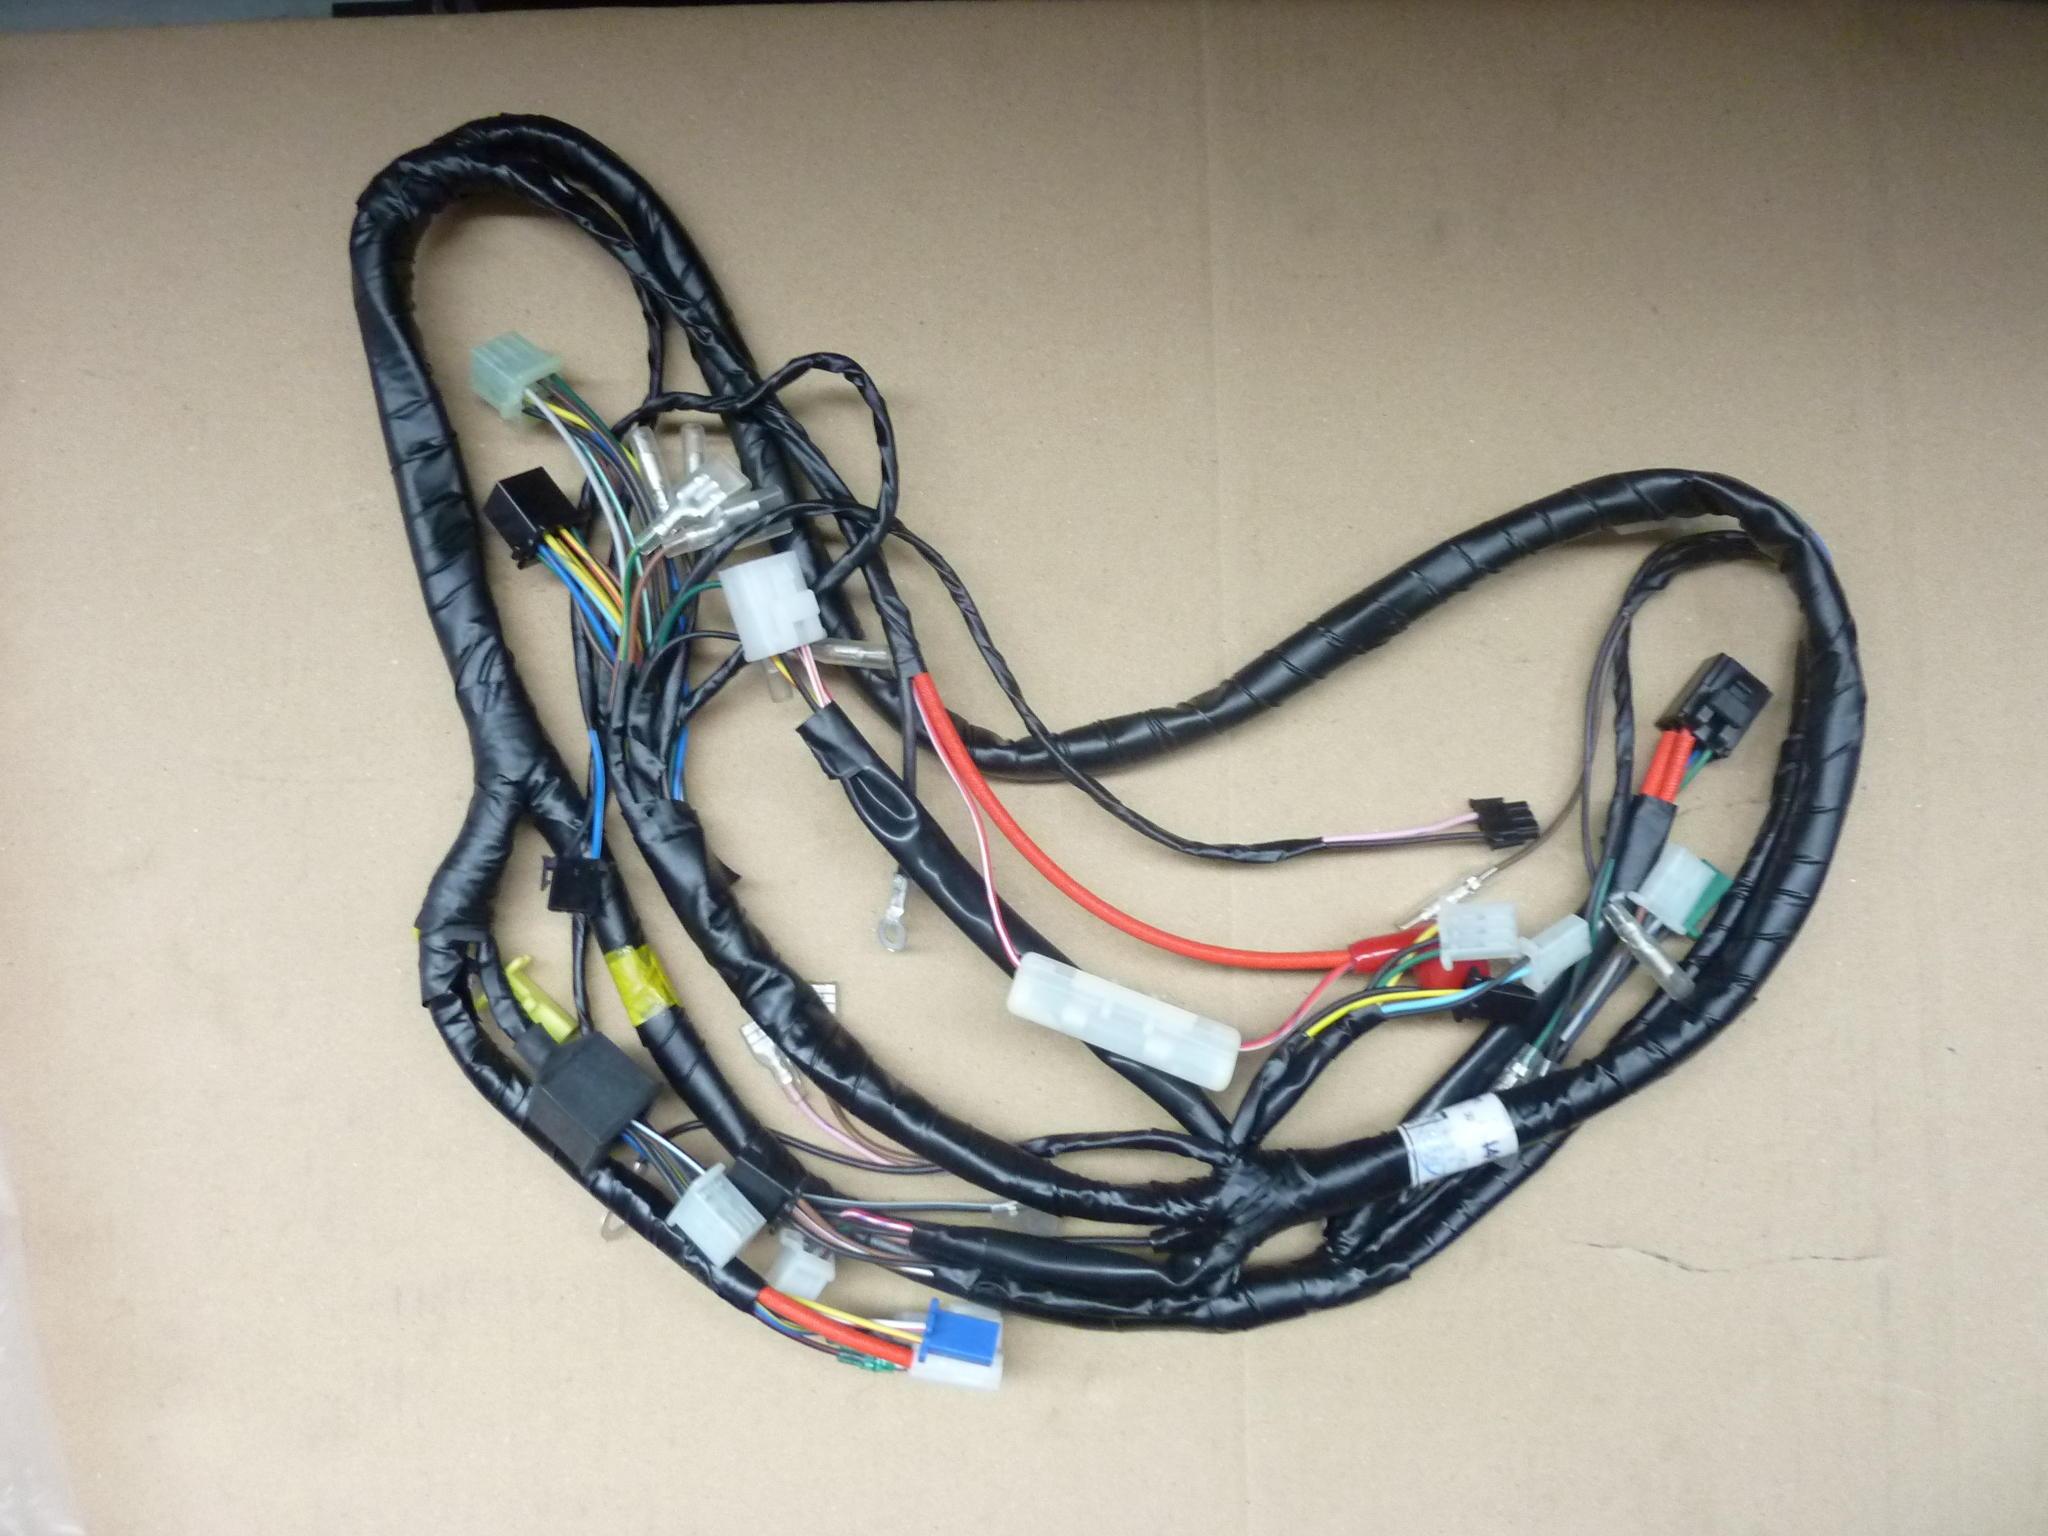 Tgb Scooter Wiring Schematics Wire Loom Harness Hawk 2048x1536